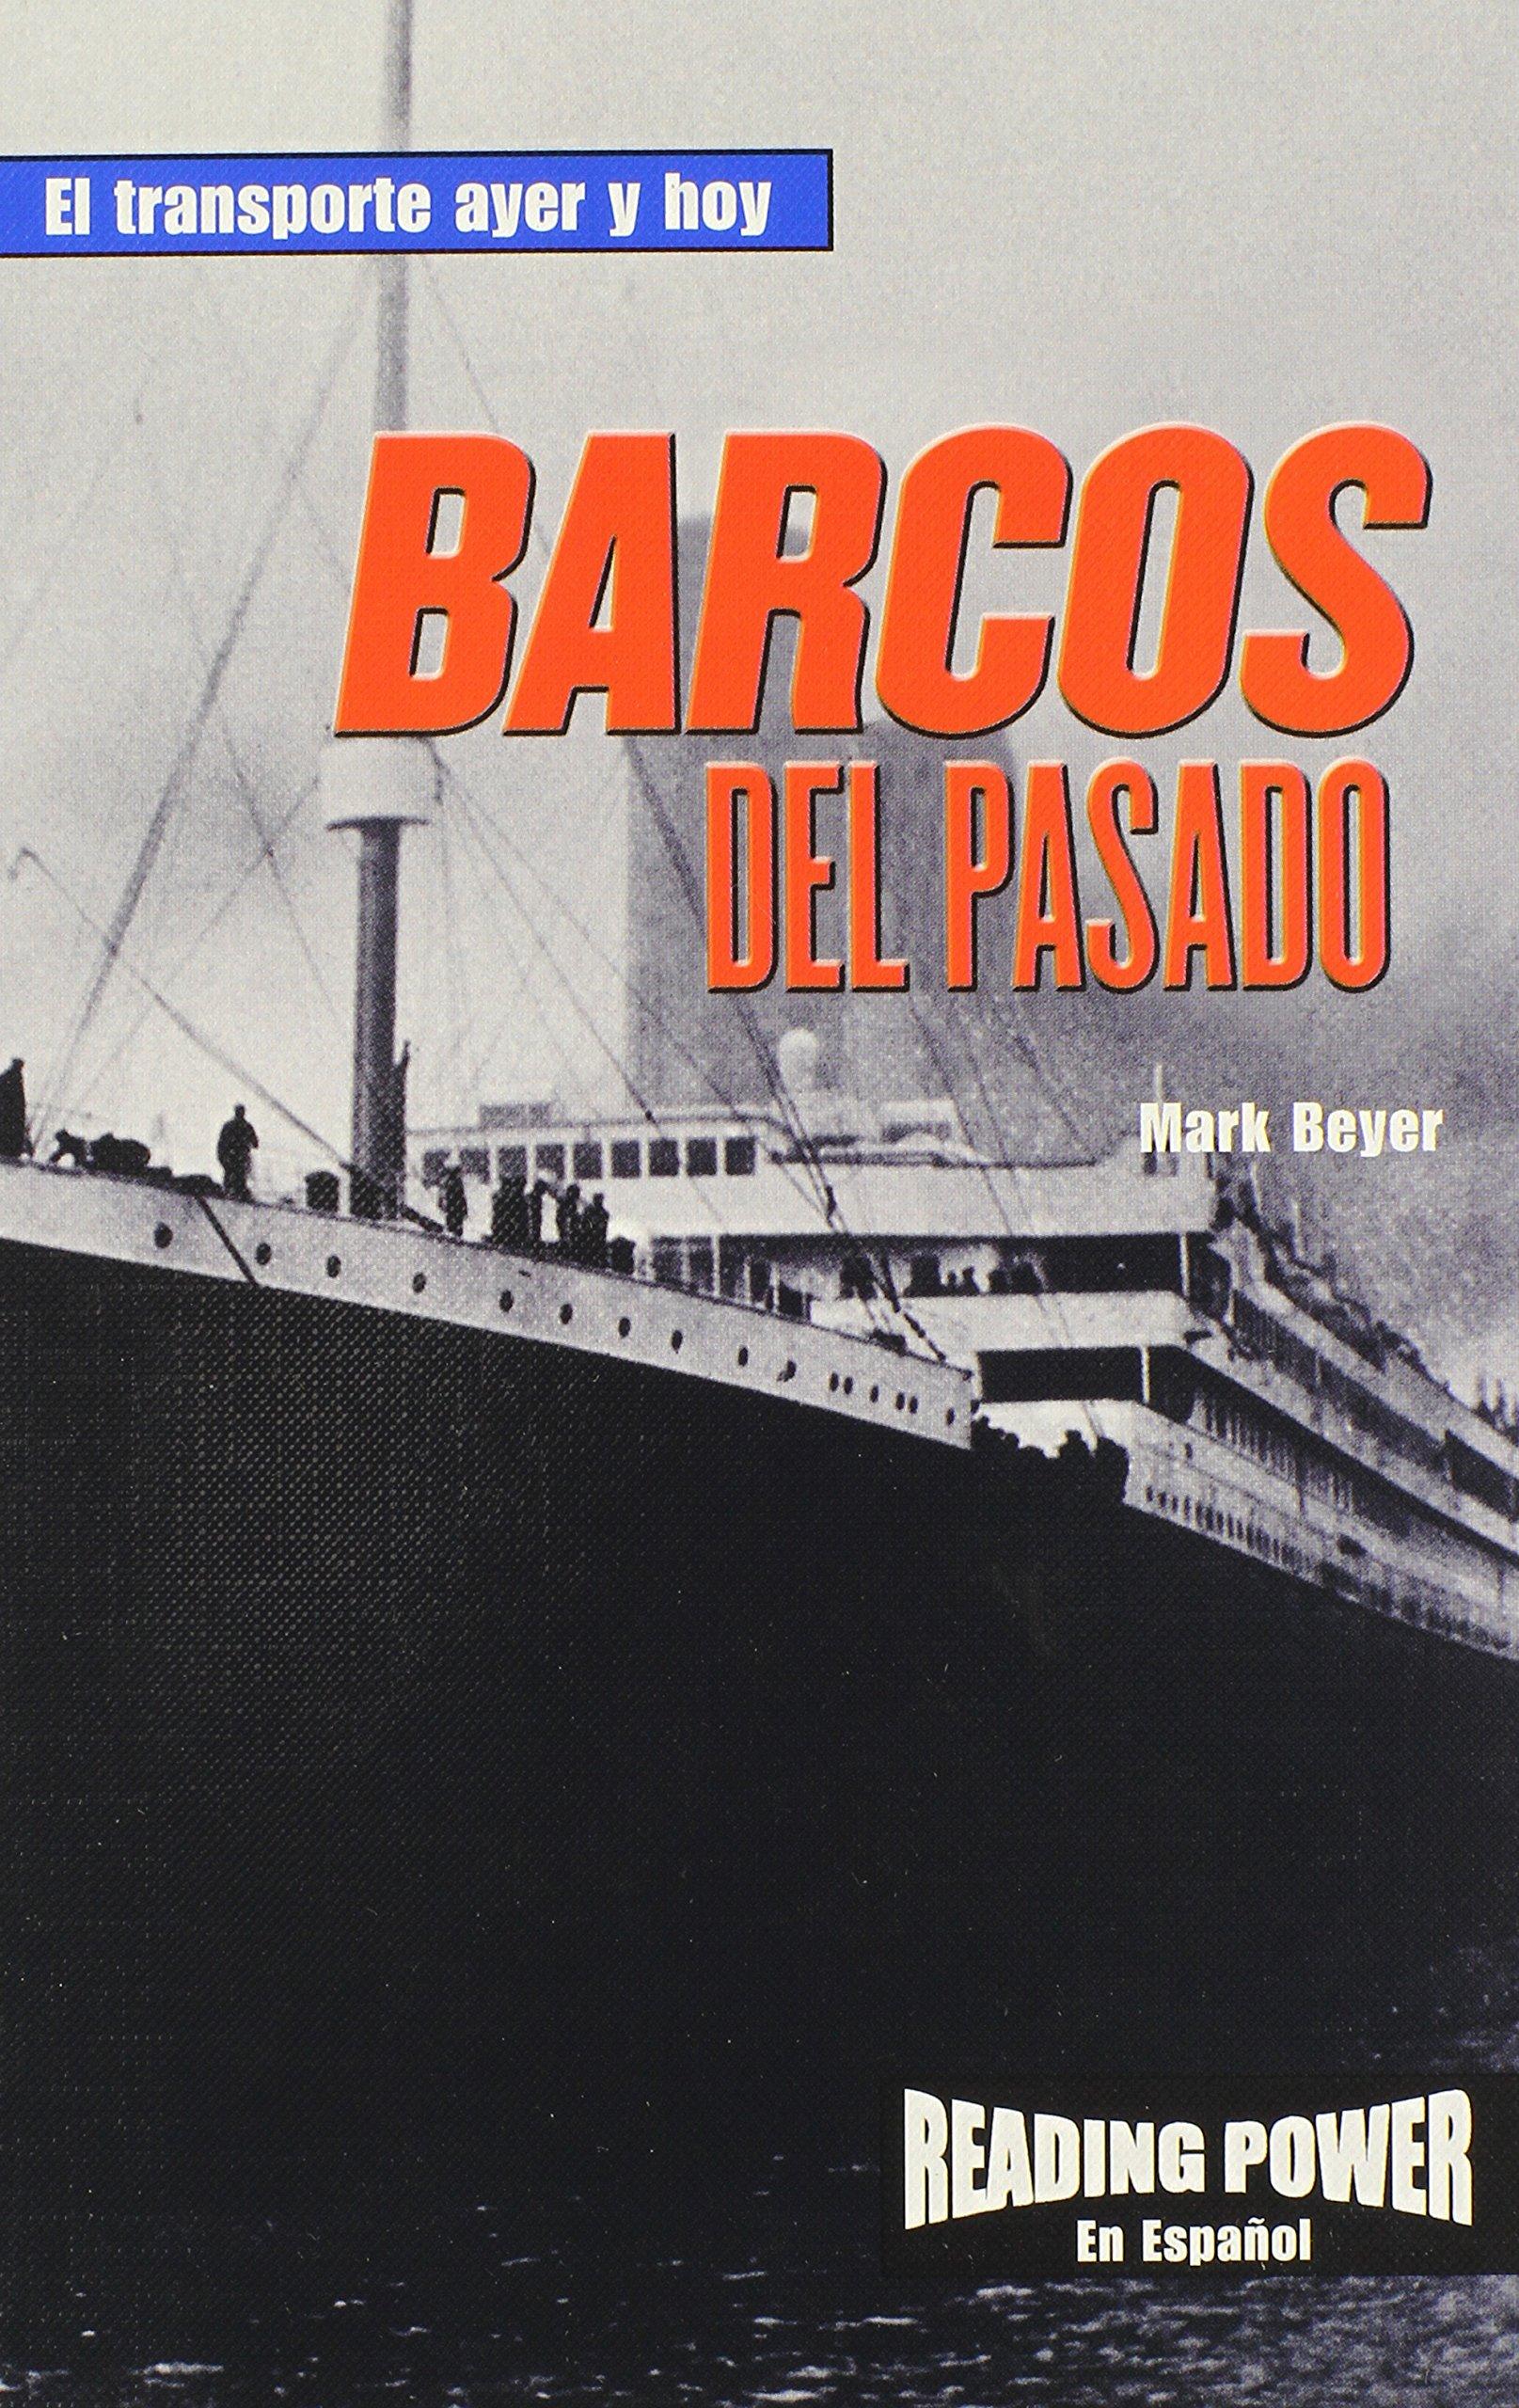 Barcos Del Pasado (El Tranporte Ayer y Hoy) (Spanish Edition) by Powerplus (Image #1)